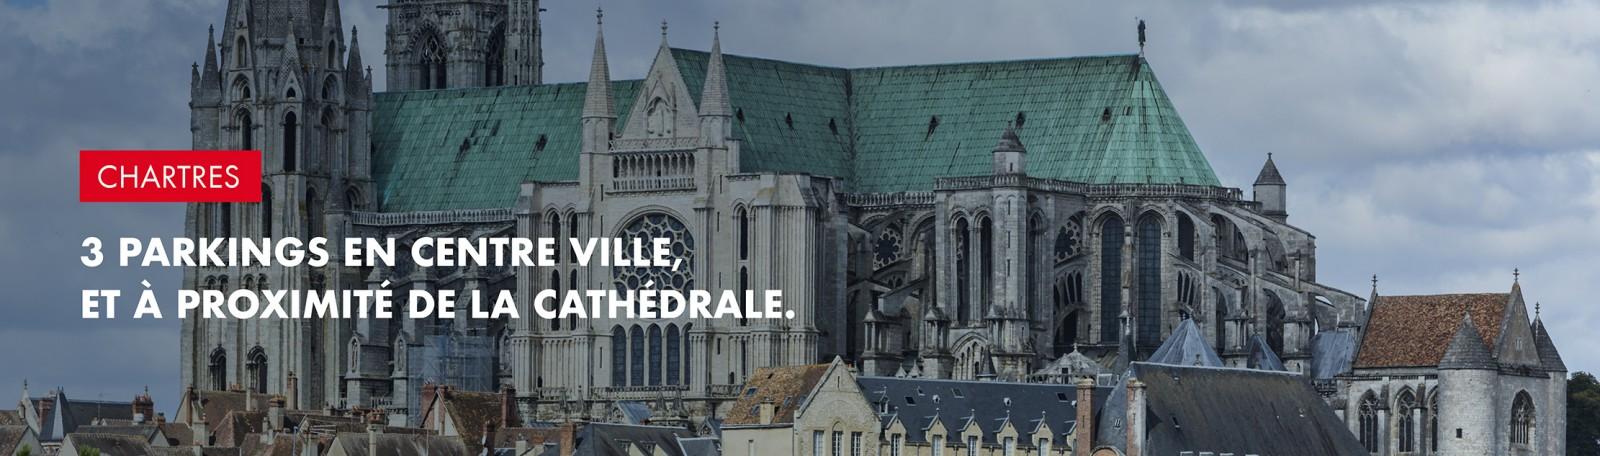 Réservation dans le centre-ville de Chartres